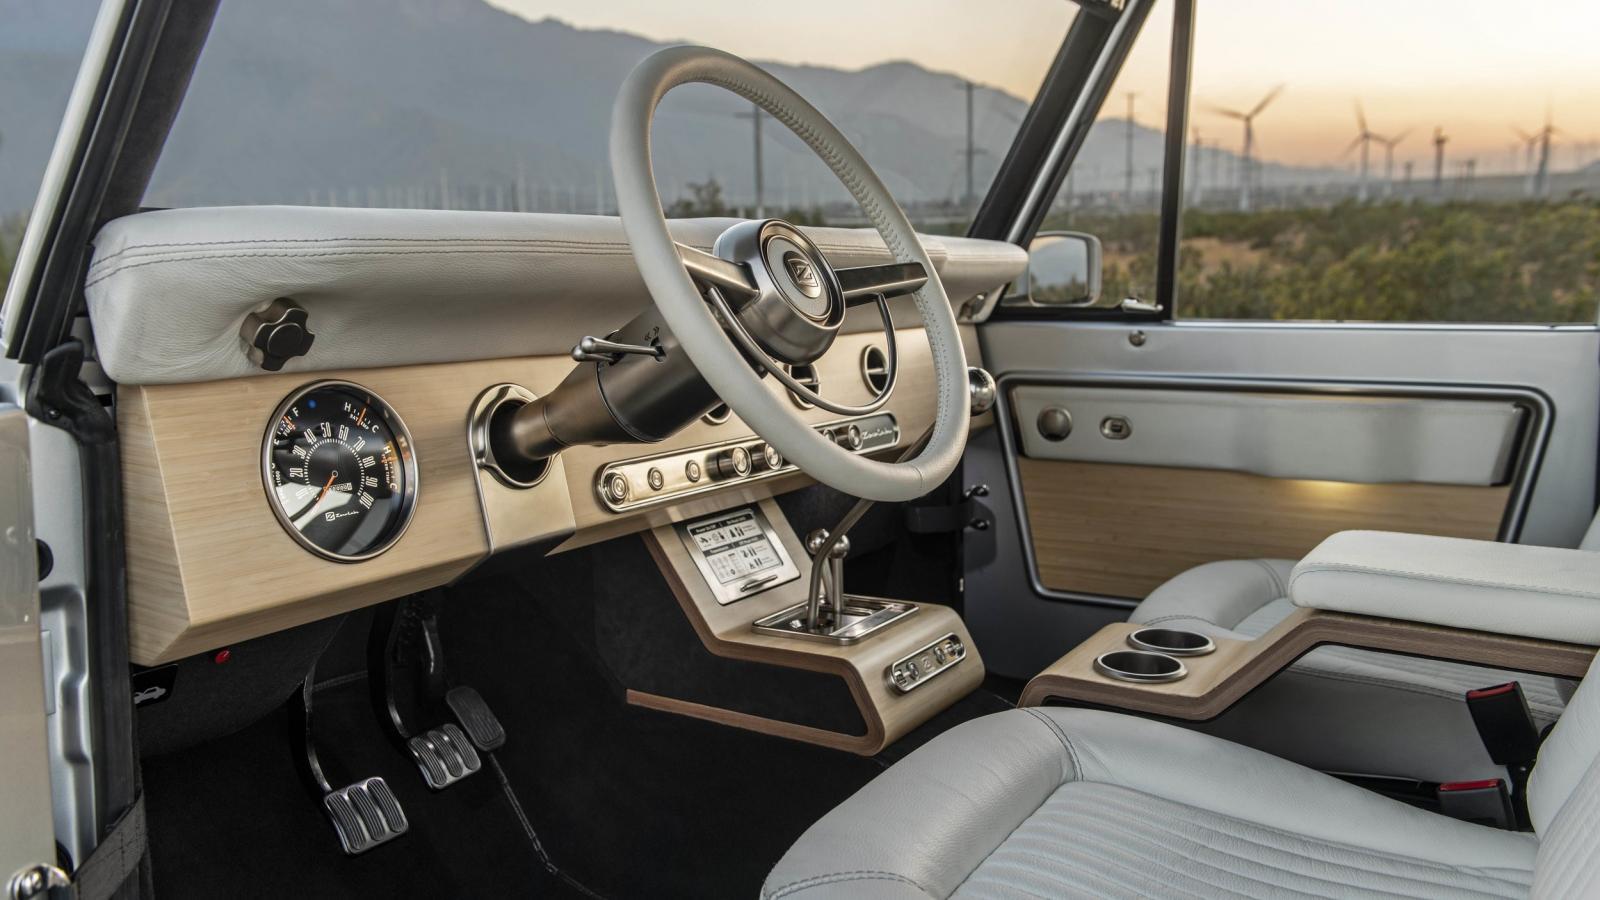 Tiene interiores de alta calidad con acabados agradables al tacto, pero sin perder estilo